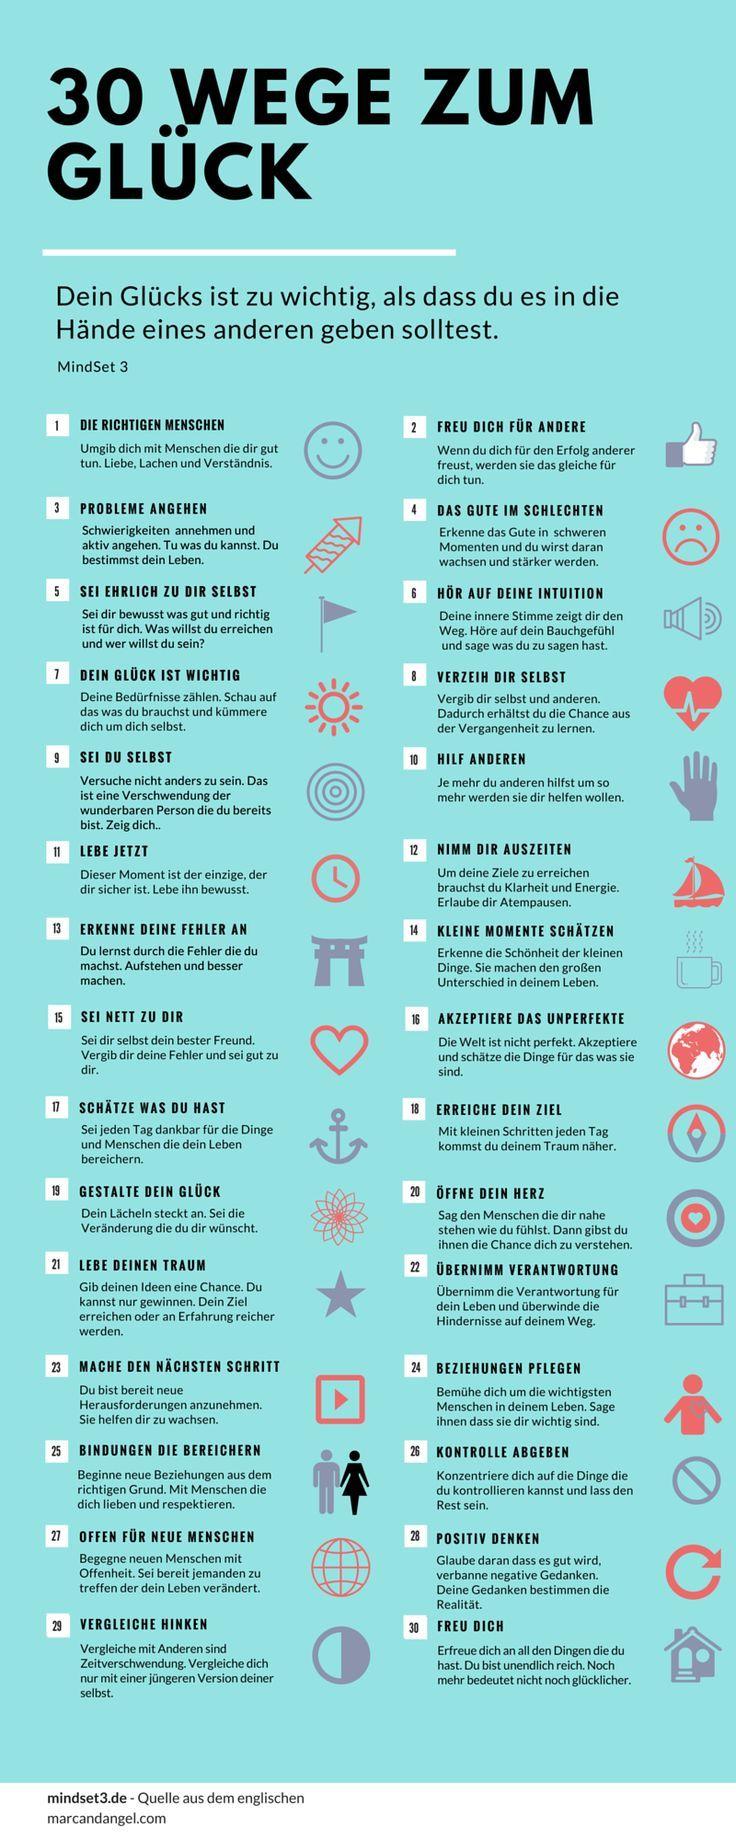 30 Wege zum Glück